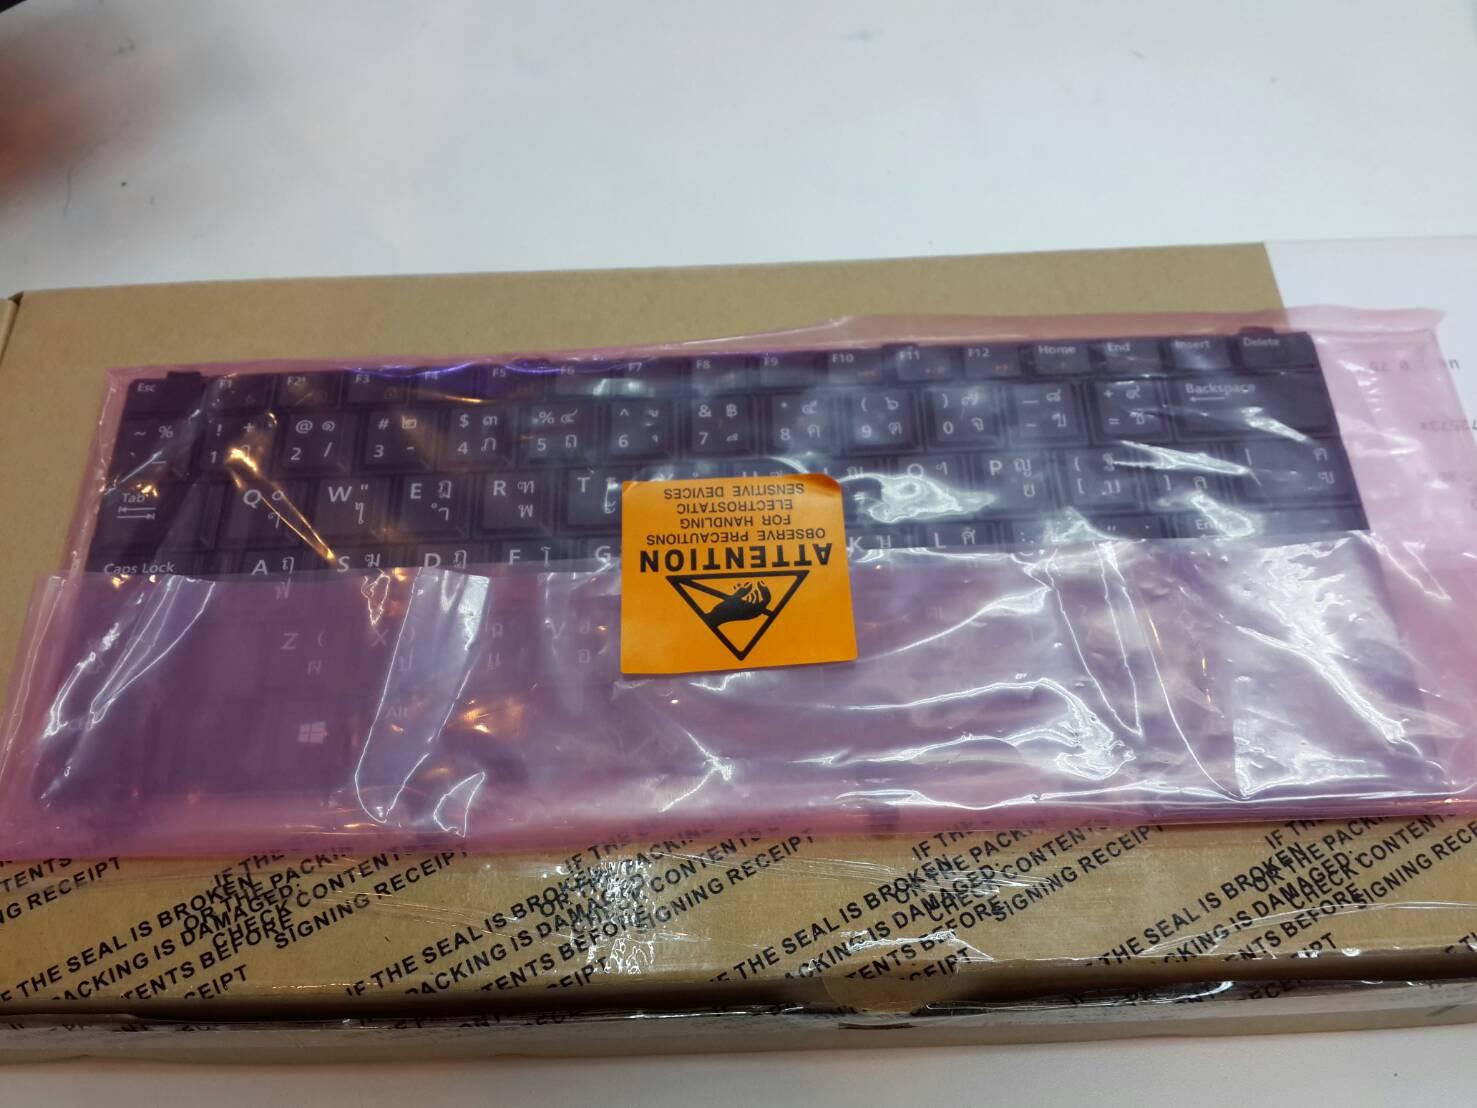 Keyboard DELL Latitude E5420,E5430,E6420 E6230 E6320 ของแท้ ประกันศูนย์ DELL ราคา ไม่แพง